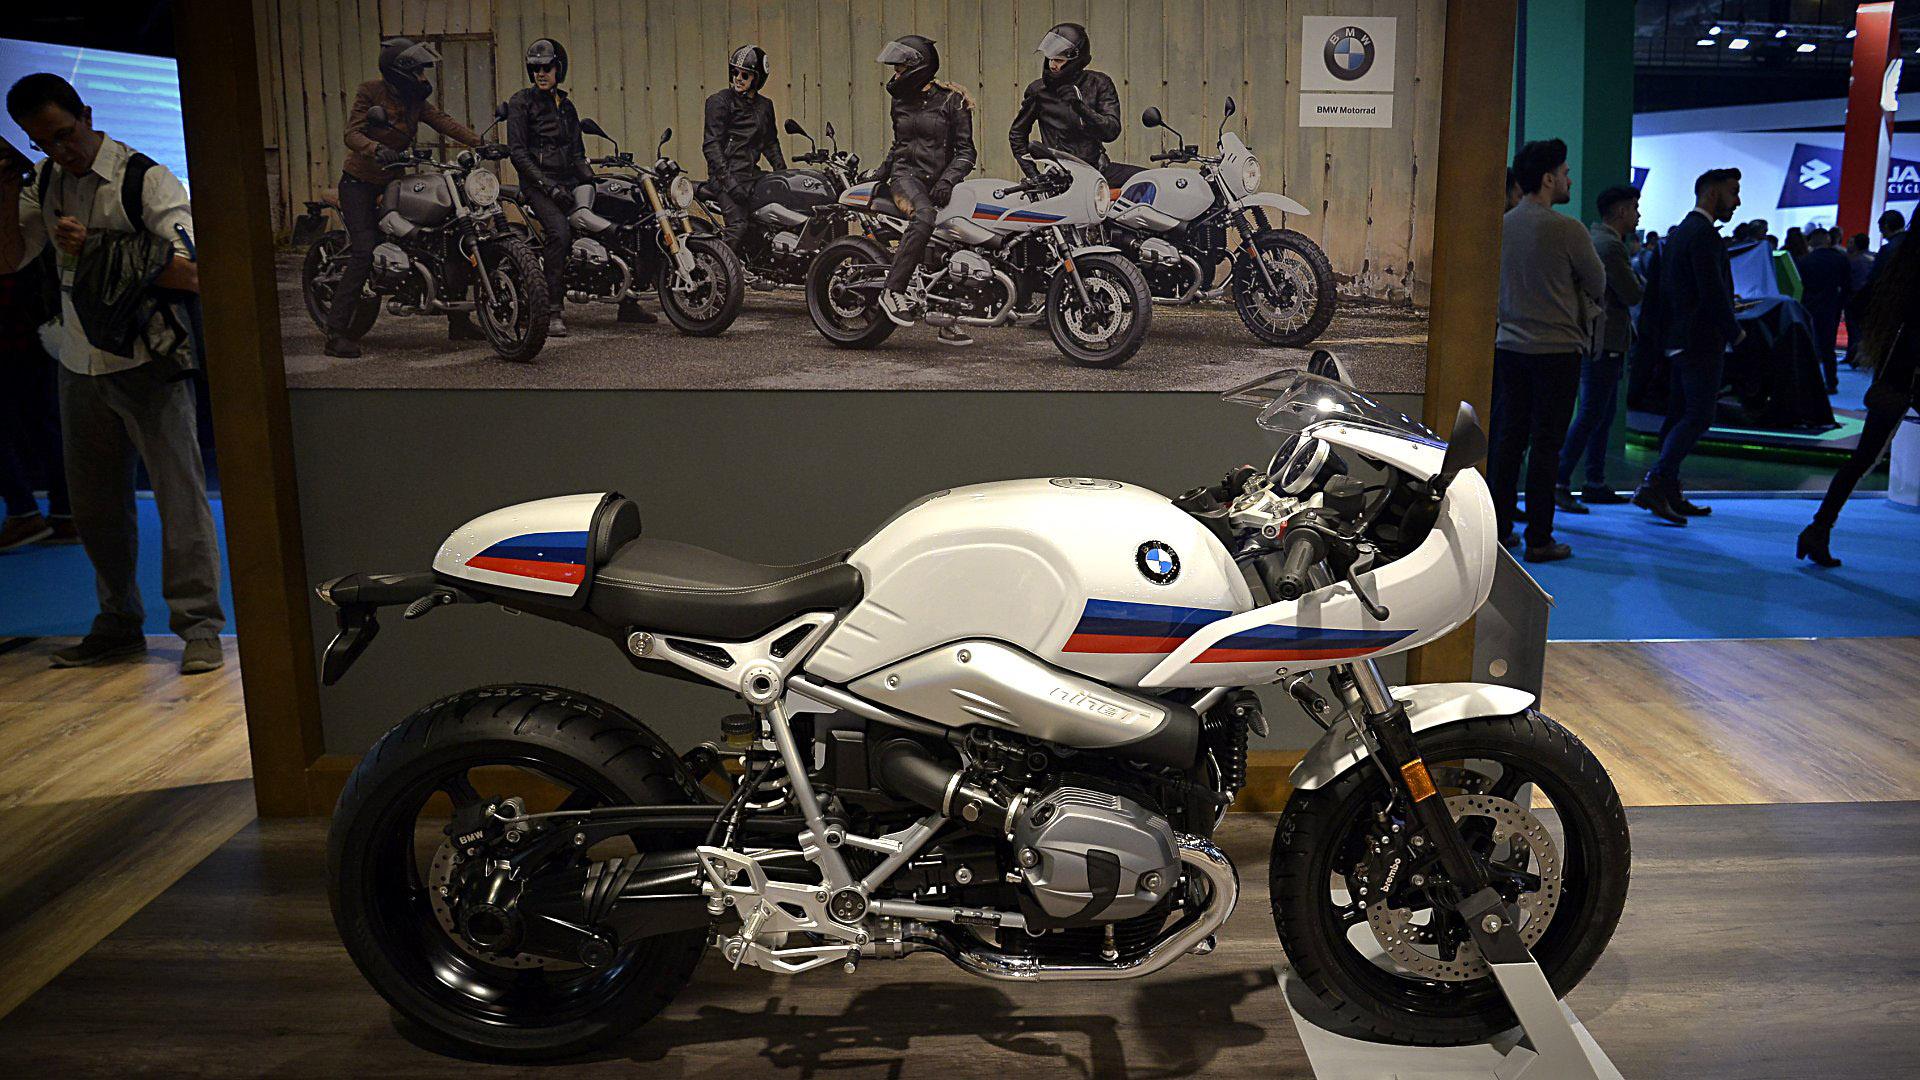 """En la sección Heritage de la firma alemana, hay una unidad del legendario modeloR Nine T Racer, una moto para revivir la época de las superbikes.""""Alejada del obsesivo romanticismo retro, se trata de una moto personalizable que cuenta con una tecnología innovadora y la habitual calidad de BMW Motorrad"""", describe la marca (fotosGustavo Gavotti)"""